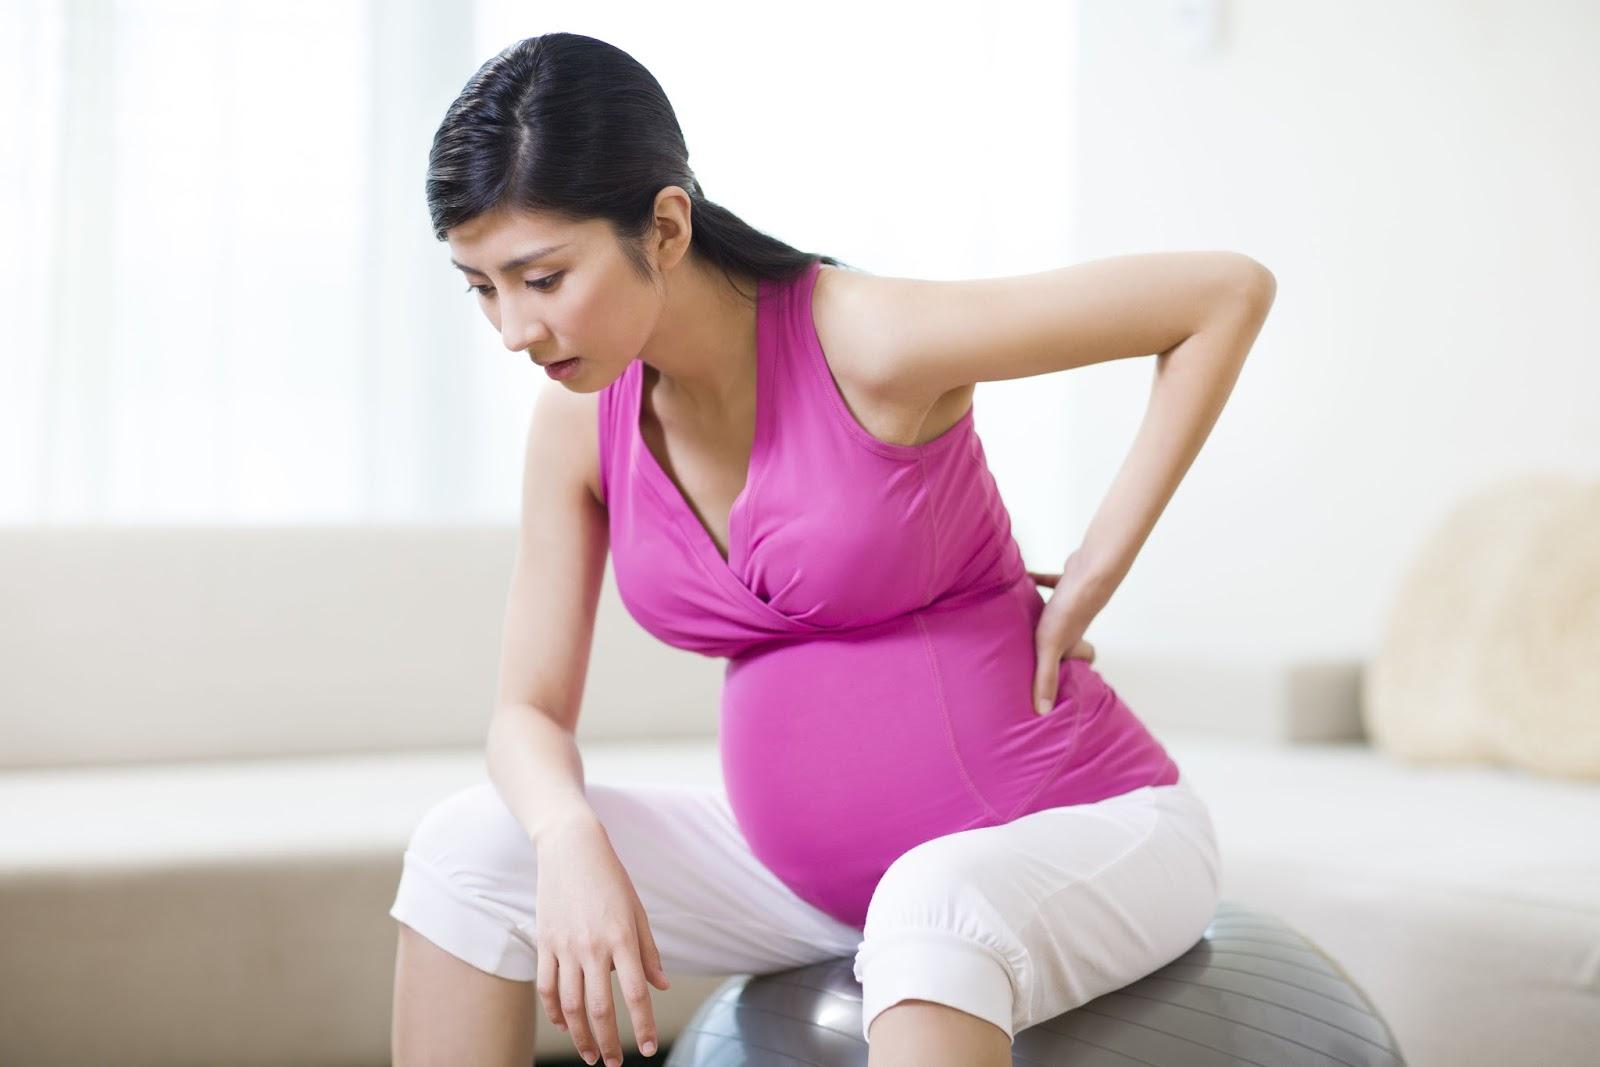 Bà bầu bị đau lưng có nên đấm lưng